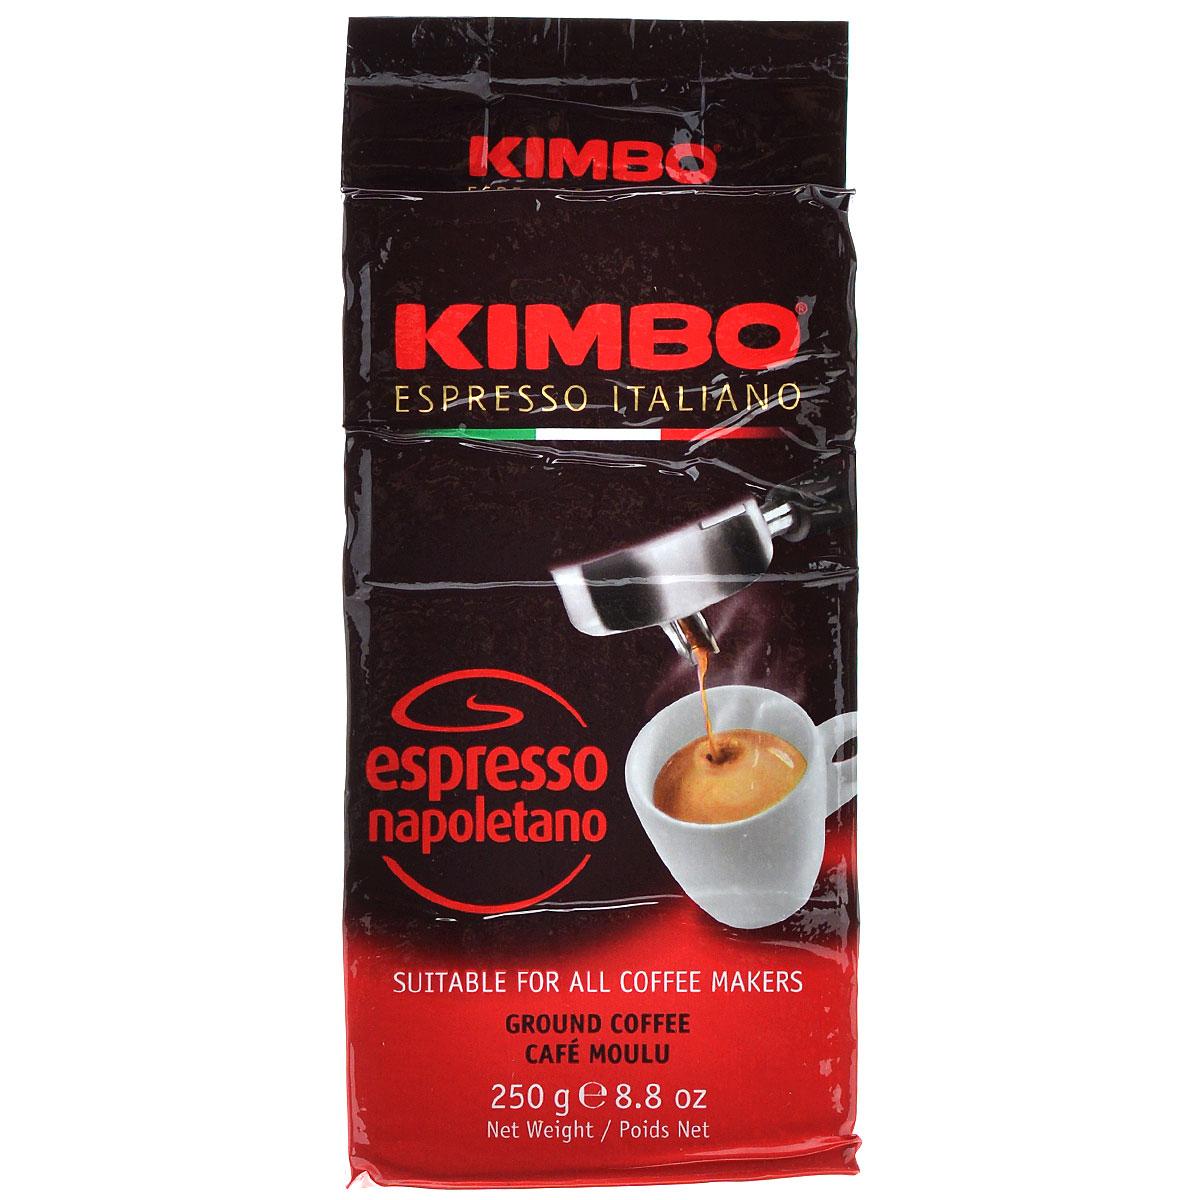 Kimbo Espresso Napoletano кофе молотый, 250 г (в/у)8002200602116Натуральный жареный молотый кофе Kimbo Espresso Napoletano с интенсивным вкусом и богатым ароматом. Традиционная неаполитанская обжарка характеризуется густой пенкой. Идеально подходит для любителей крепкого эспрессо. Состав смеси: 90% арабика, 10% робуста.